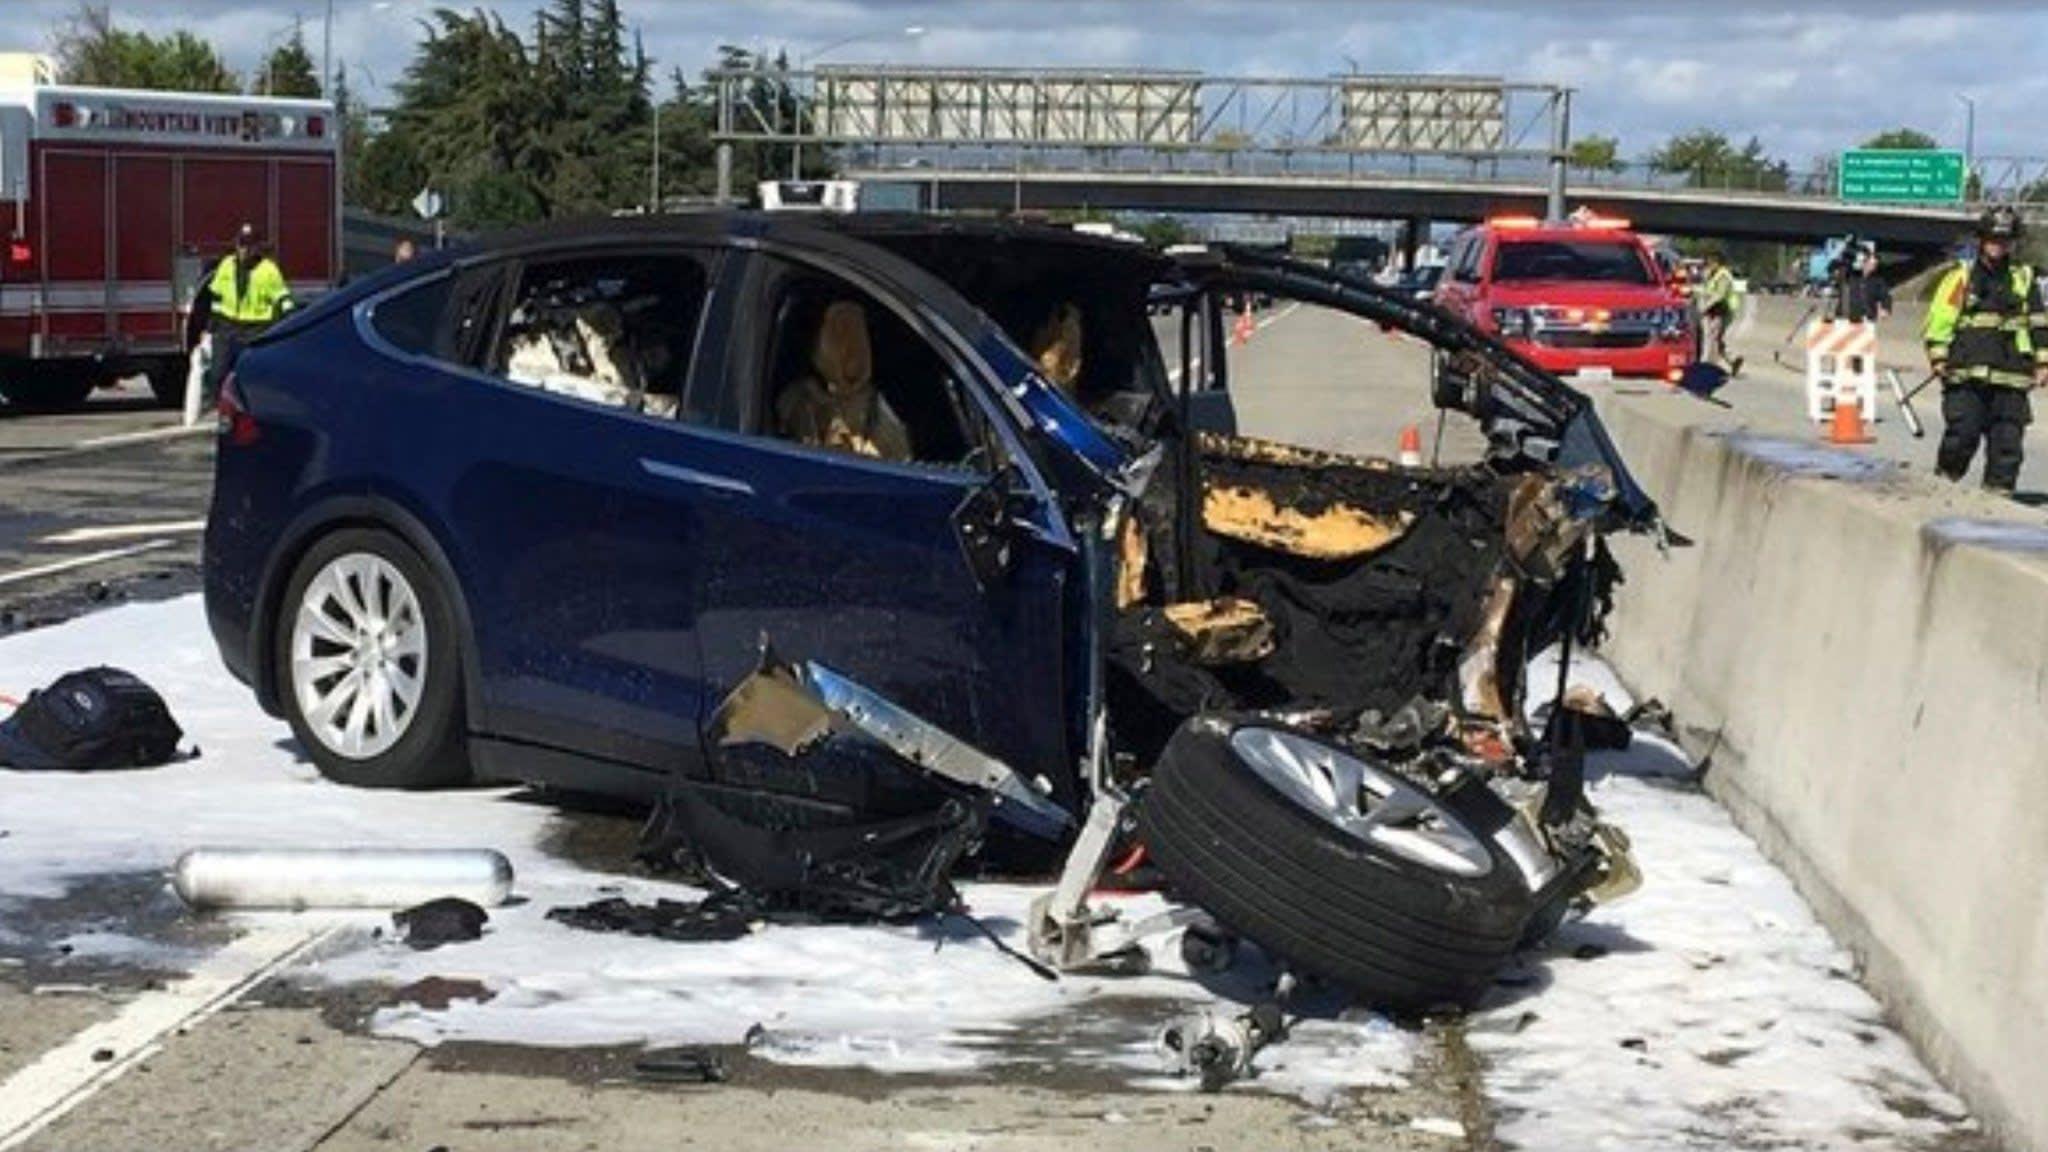 Tesla shares plunge after regulator's rebuke over fatal crash